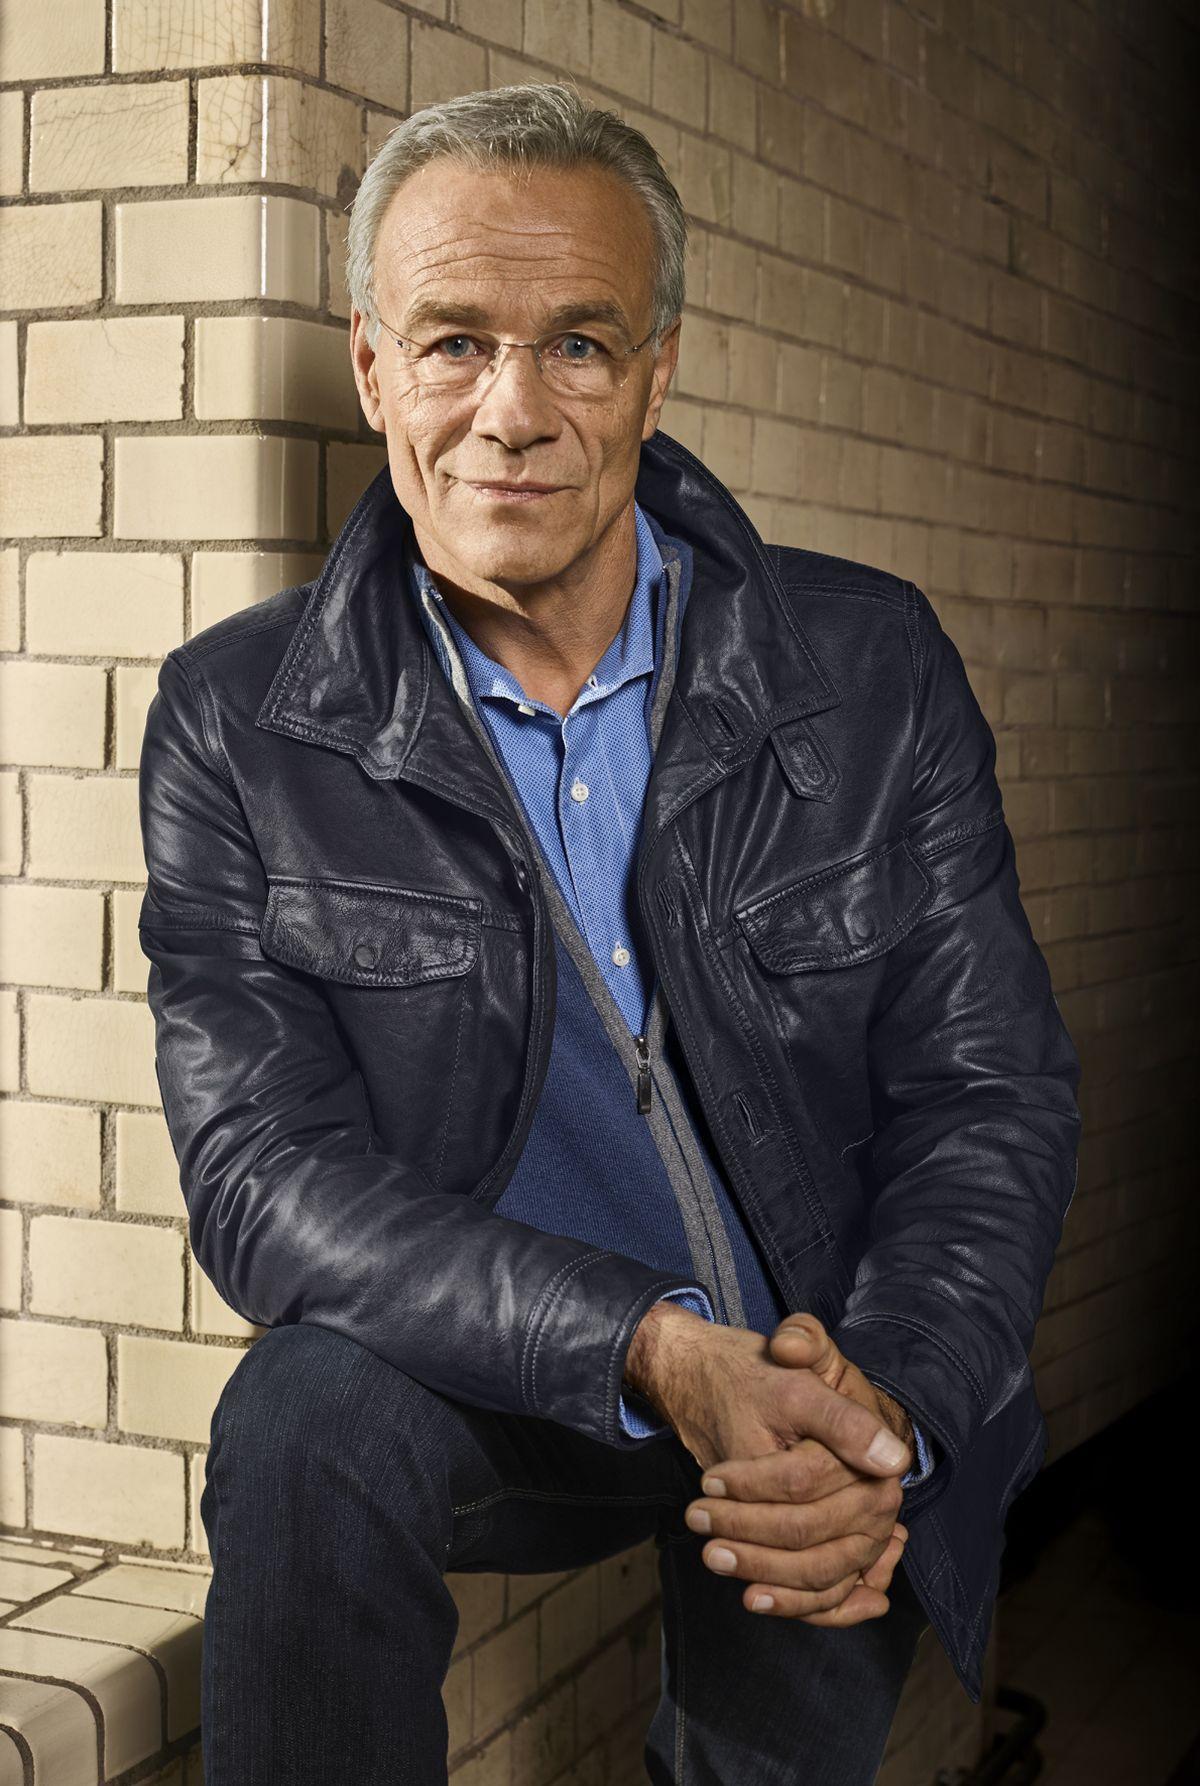 Walbusch: Klaus J. Behrendt in der Hemdjacke